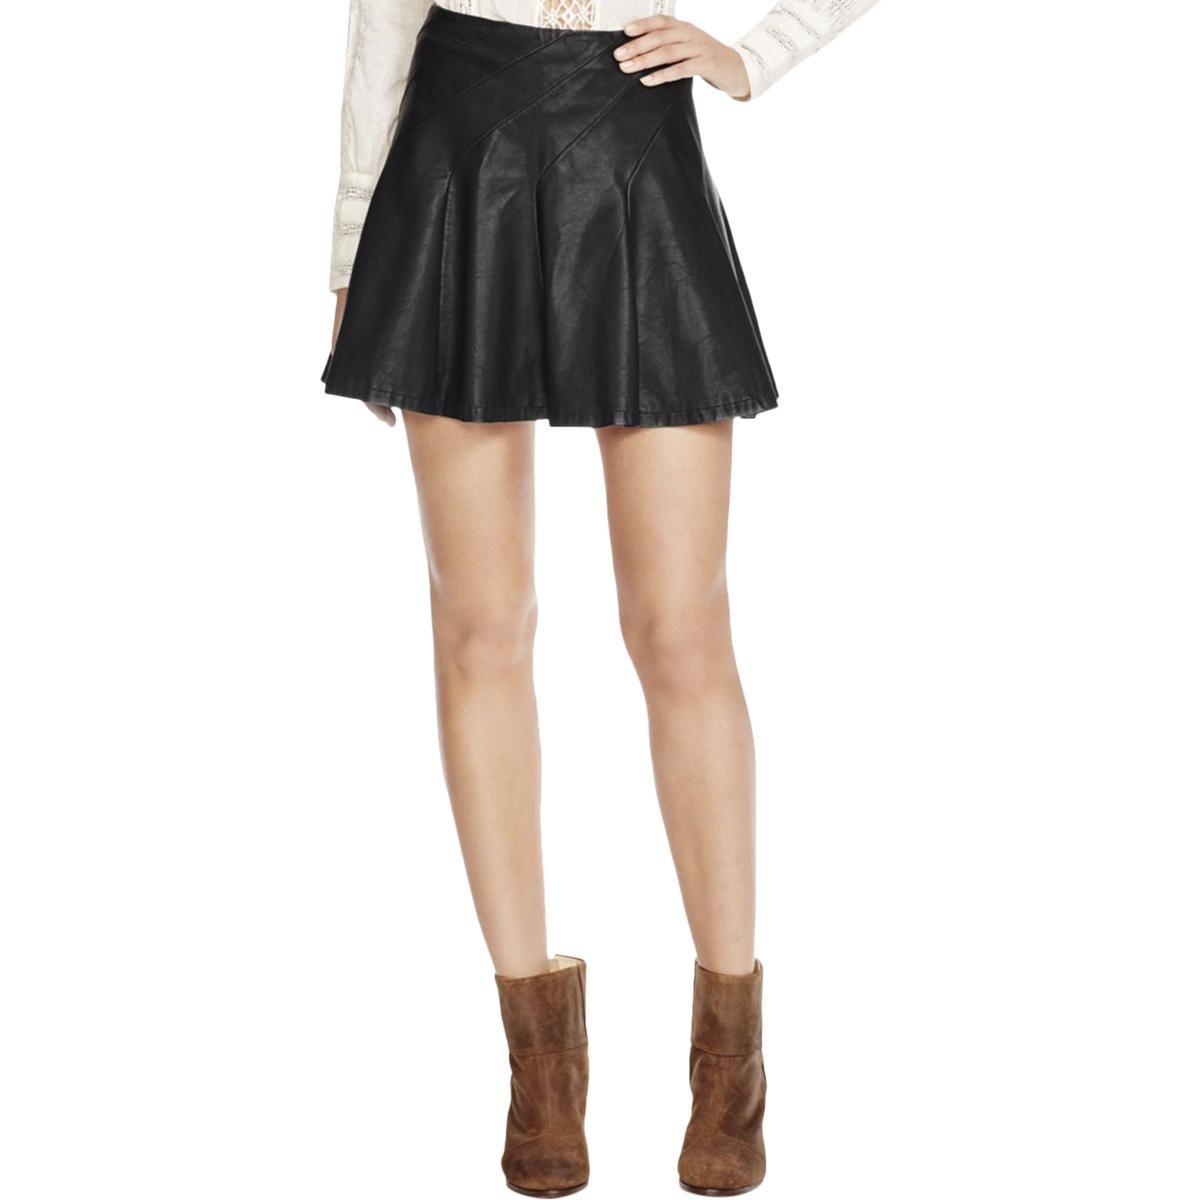 Supply David Lerner Black Skater Skirt Xs Skirts